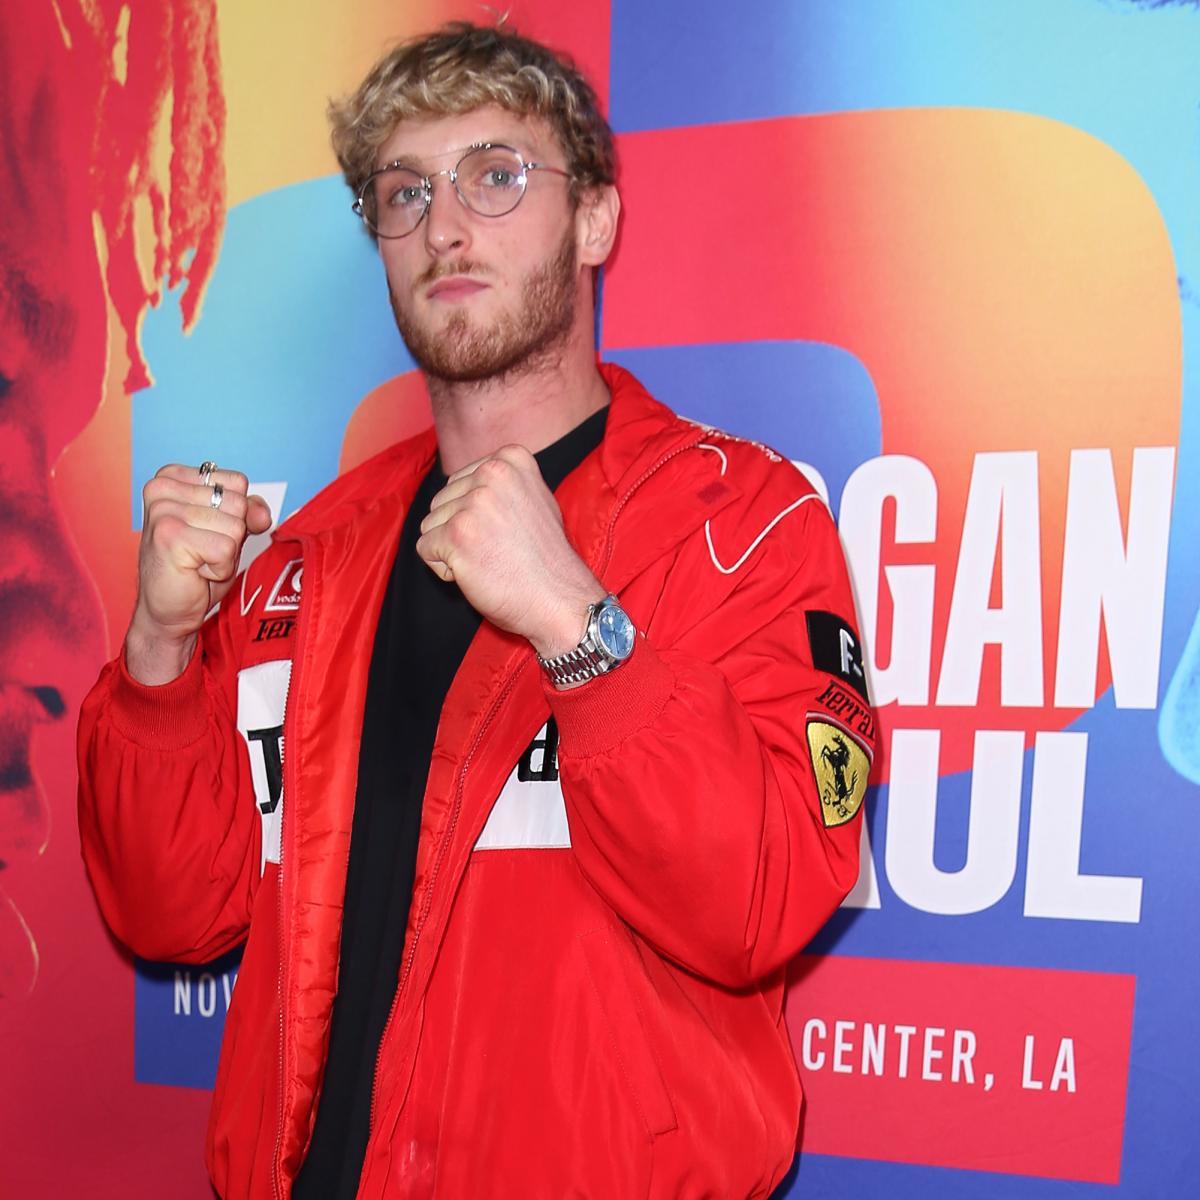 Ksi Vs Logan Paul 2 Popular You Tube Personalities Boxing: KSI Vs. Logan Paul Fight Odds, Time, Date, Live Stream And